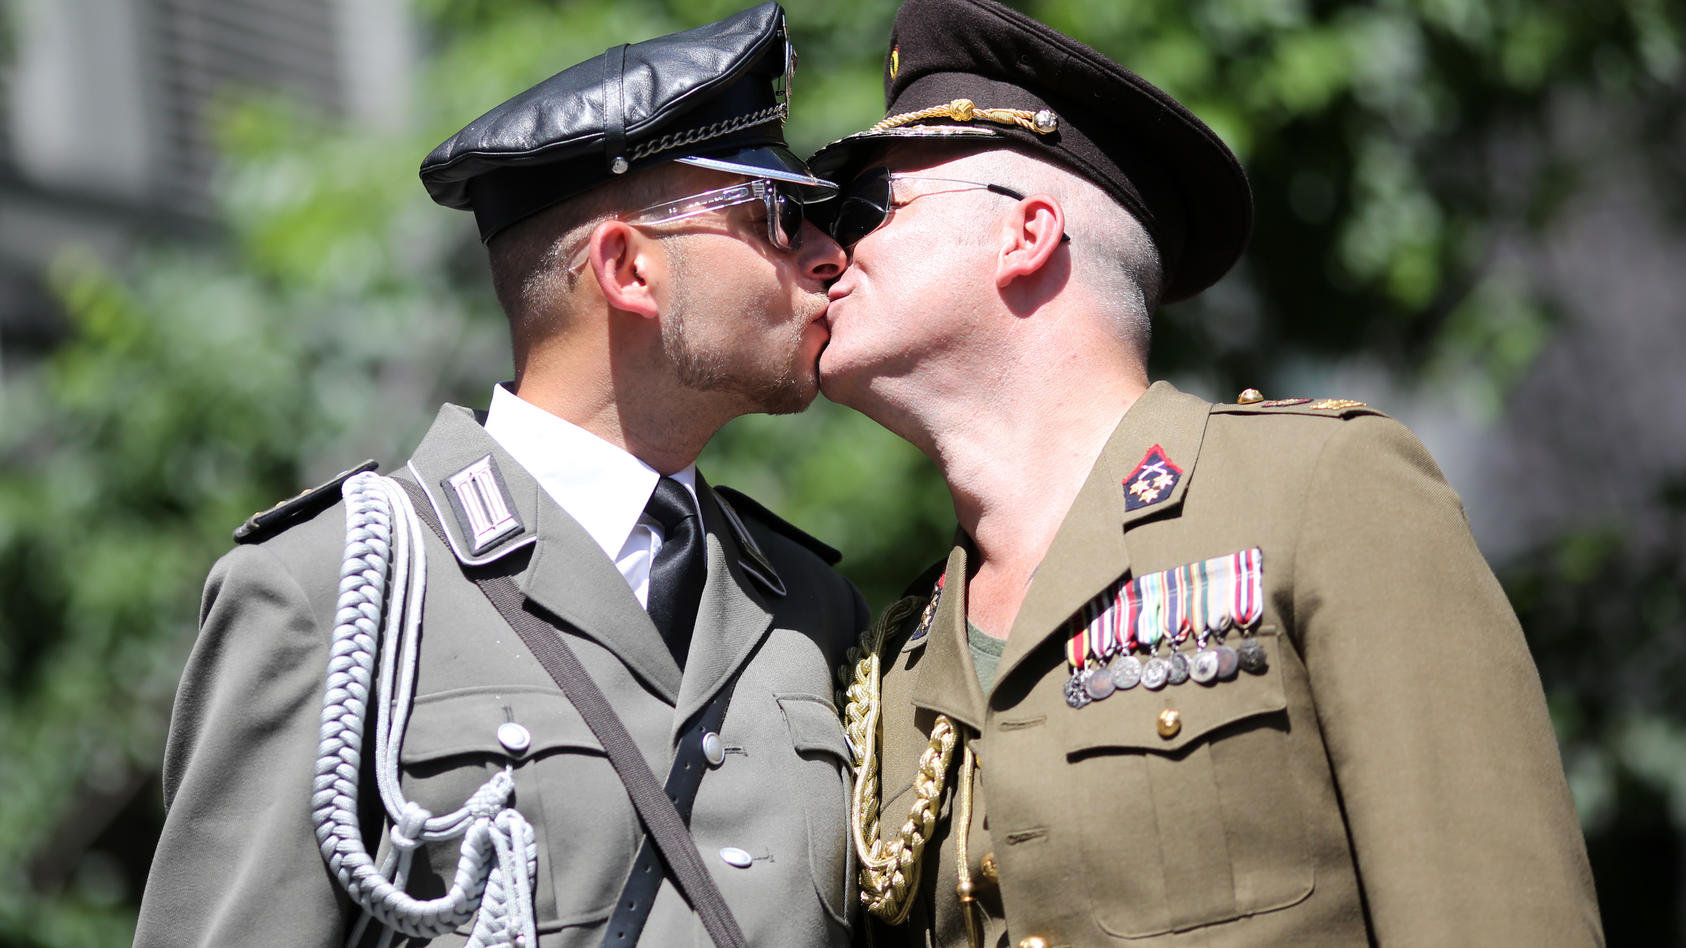 Symbolfoto: Zwei als Soldaten verkleidete Männer küssen sich auf dem Christopher Street Day (CSD) / Archivfiti vom 20. Juli 2013